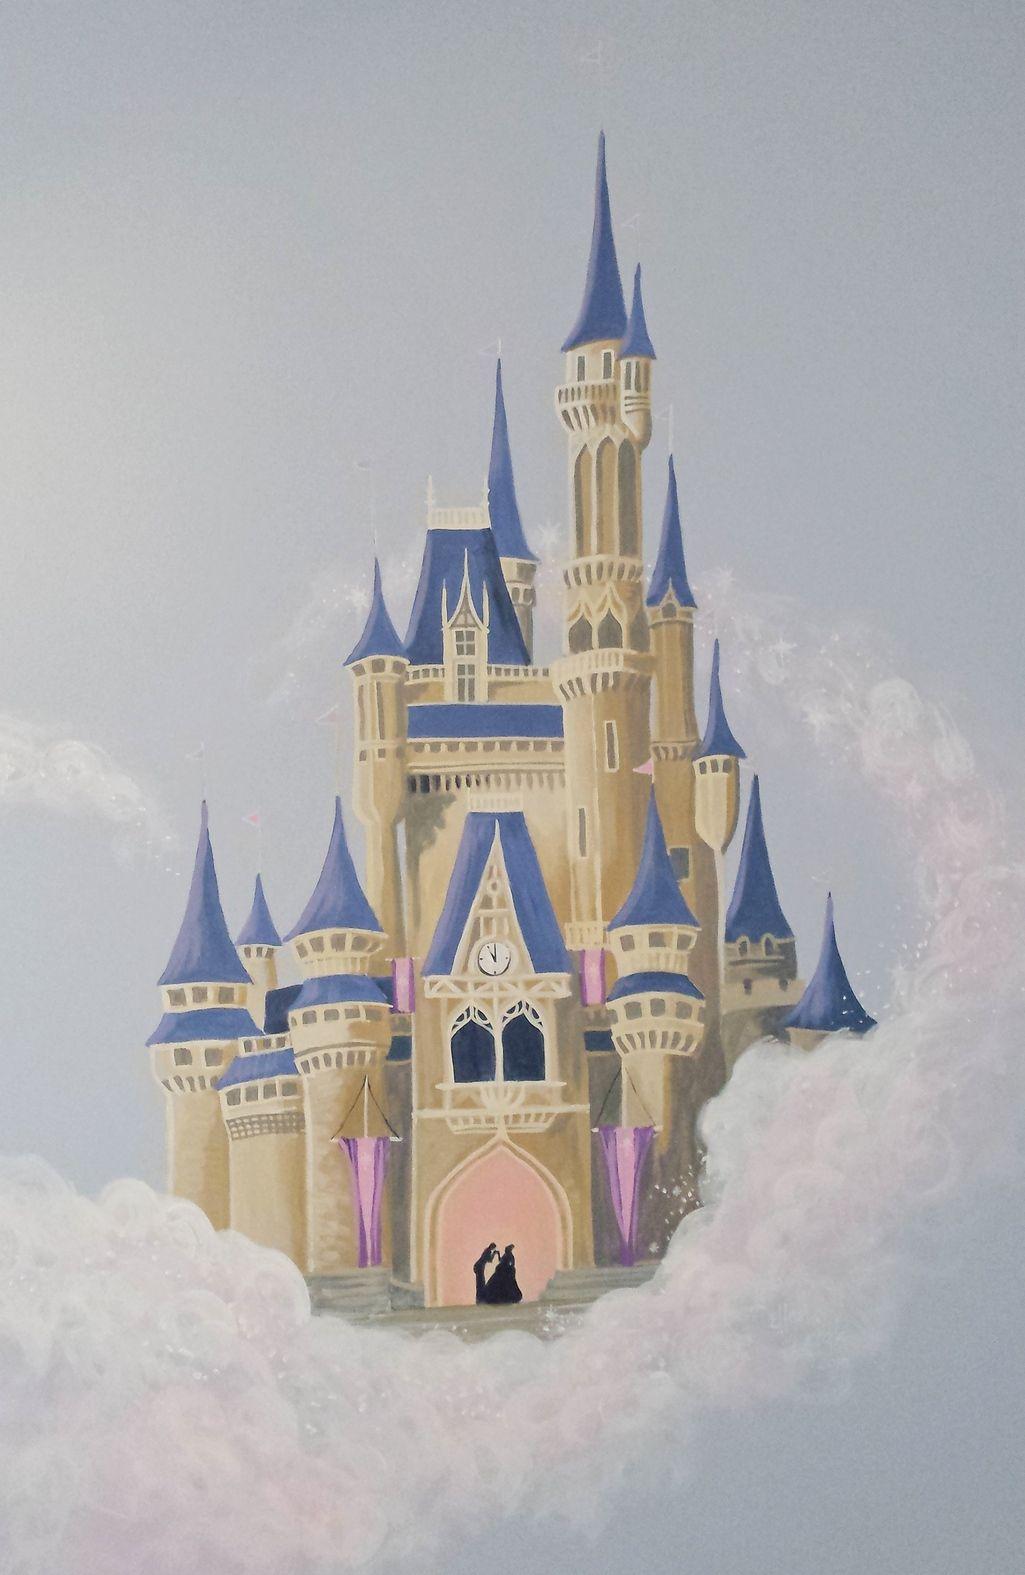 A Castle Fit For A Princess